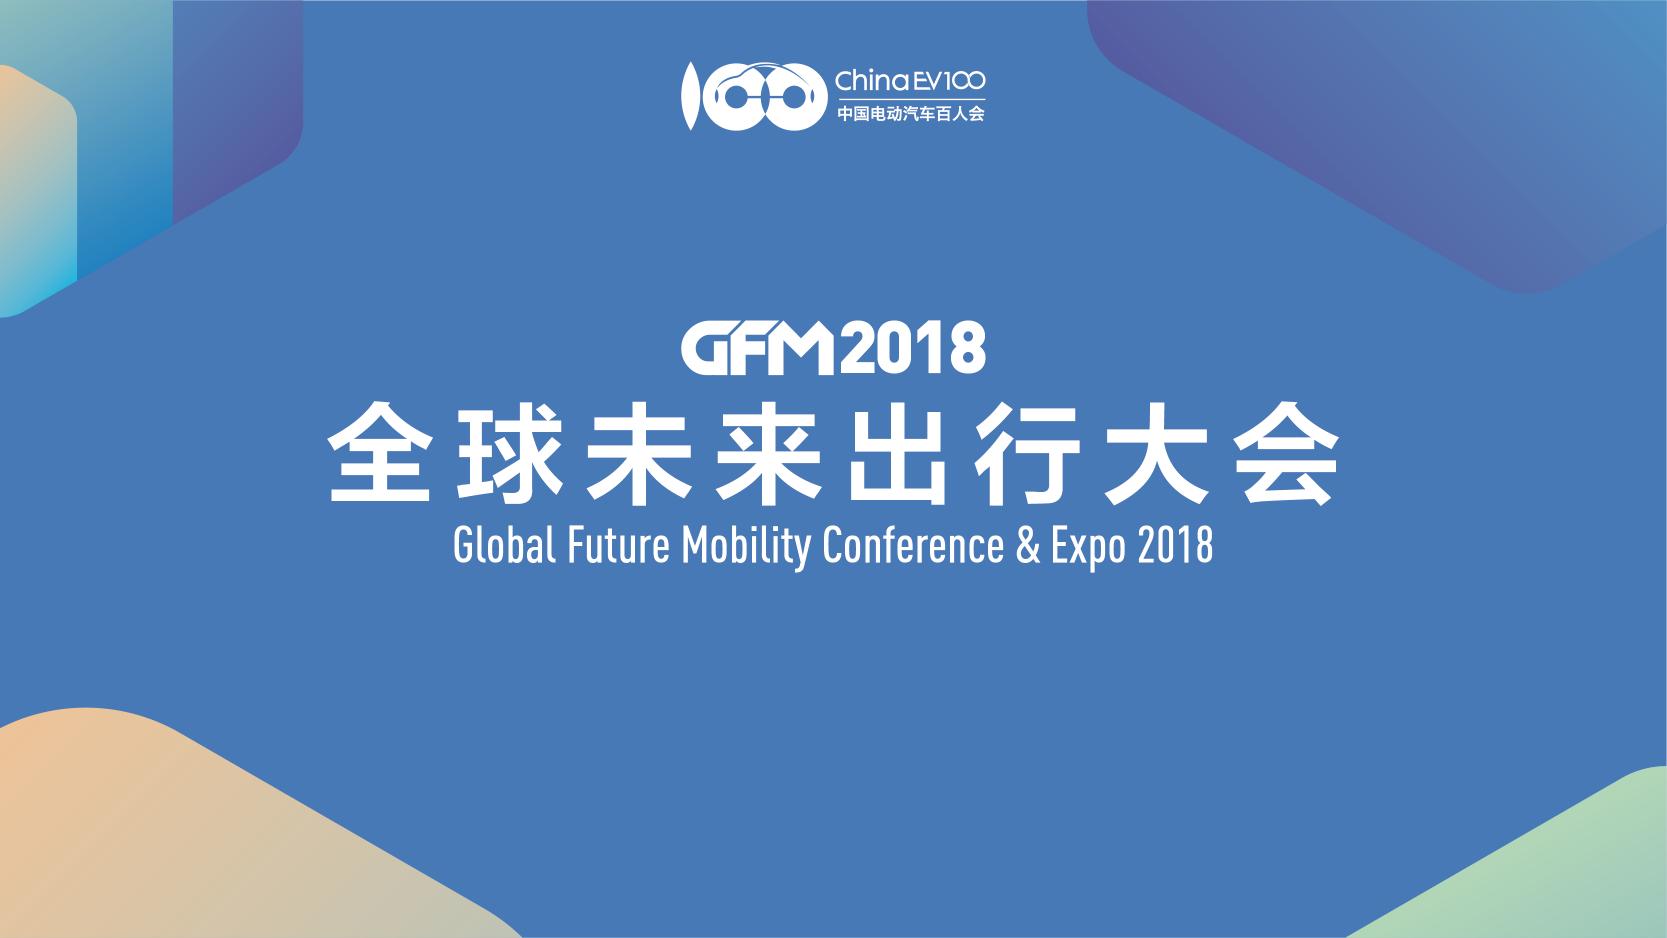 GFM2018全球未来出行论坛暨国际展览会